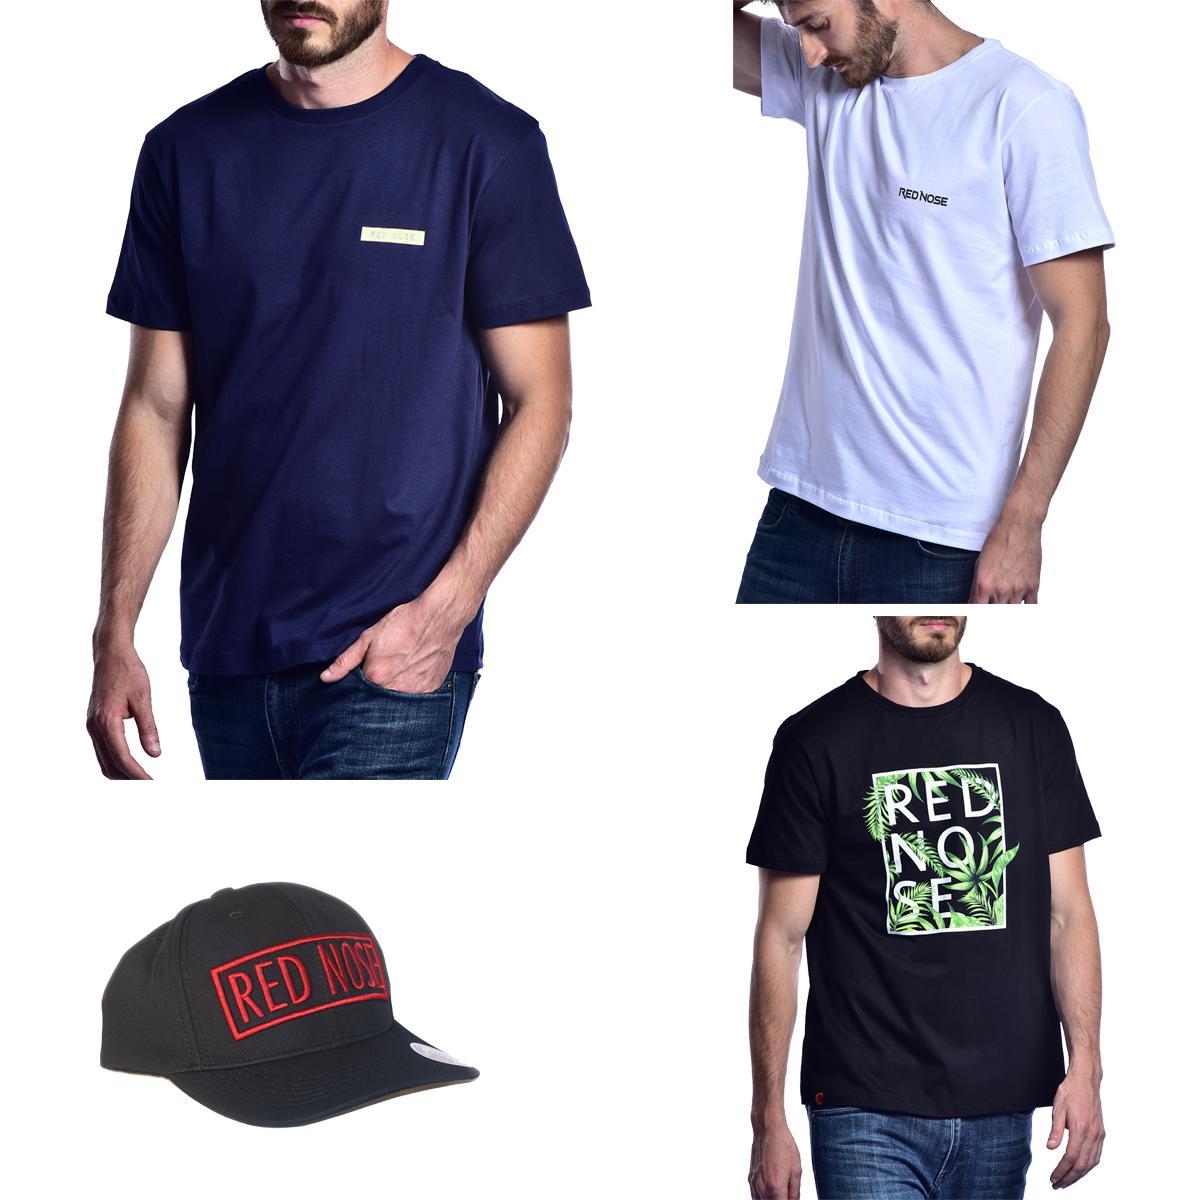 KIT 3 Camisetas e Boné Red Nose - Azul Marinho e Branco e Preto P